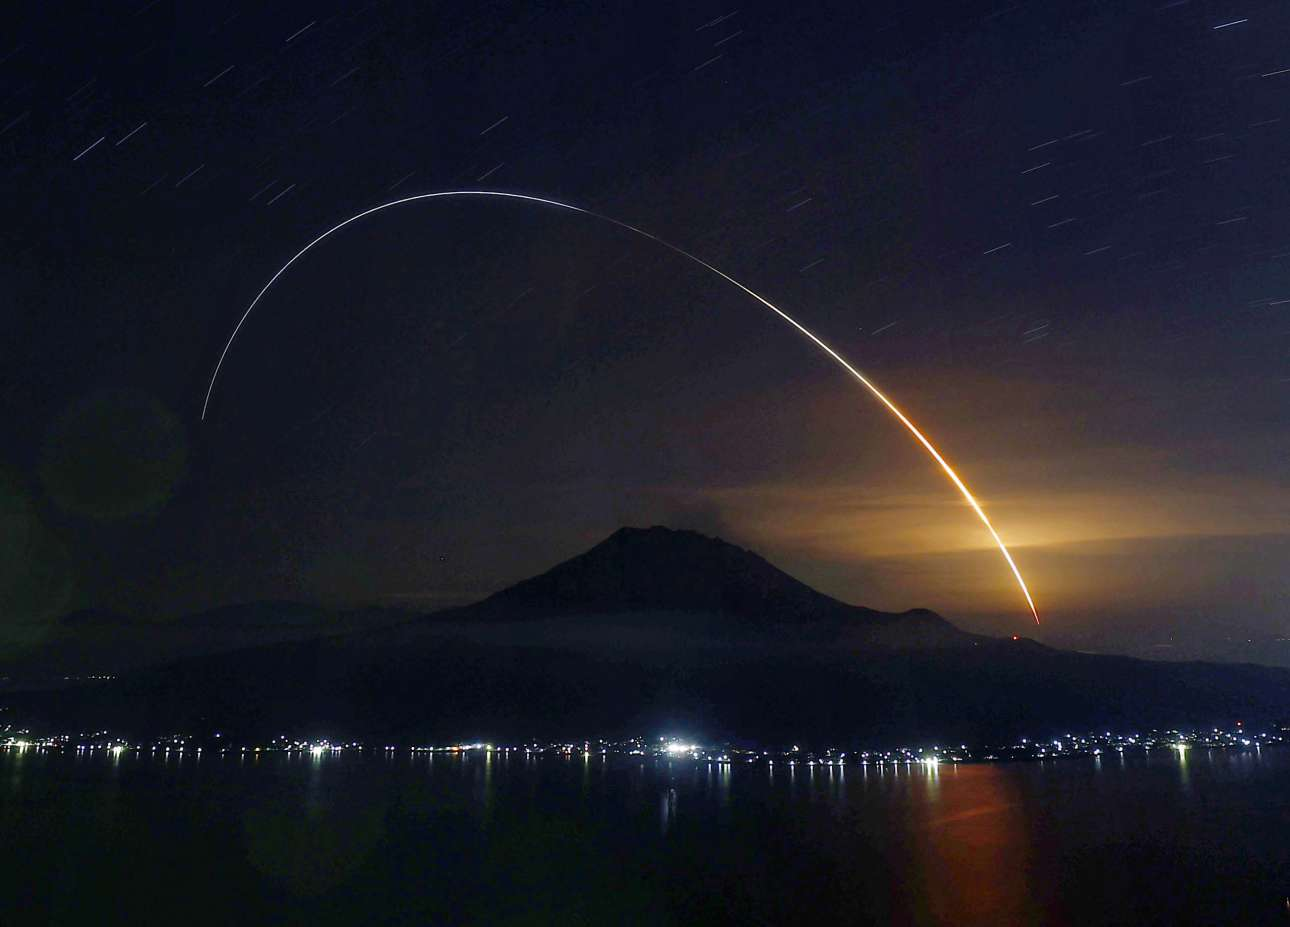 Ιαπωνία. Ο φακός έπιασε την τροχιά του πυραύλου H2B που ανέλαβε την προώθηση ενός  σκάφους με προμήθειες για τον Διεθνή Διαστημικό Σταθμό